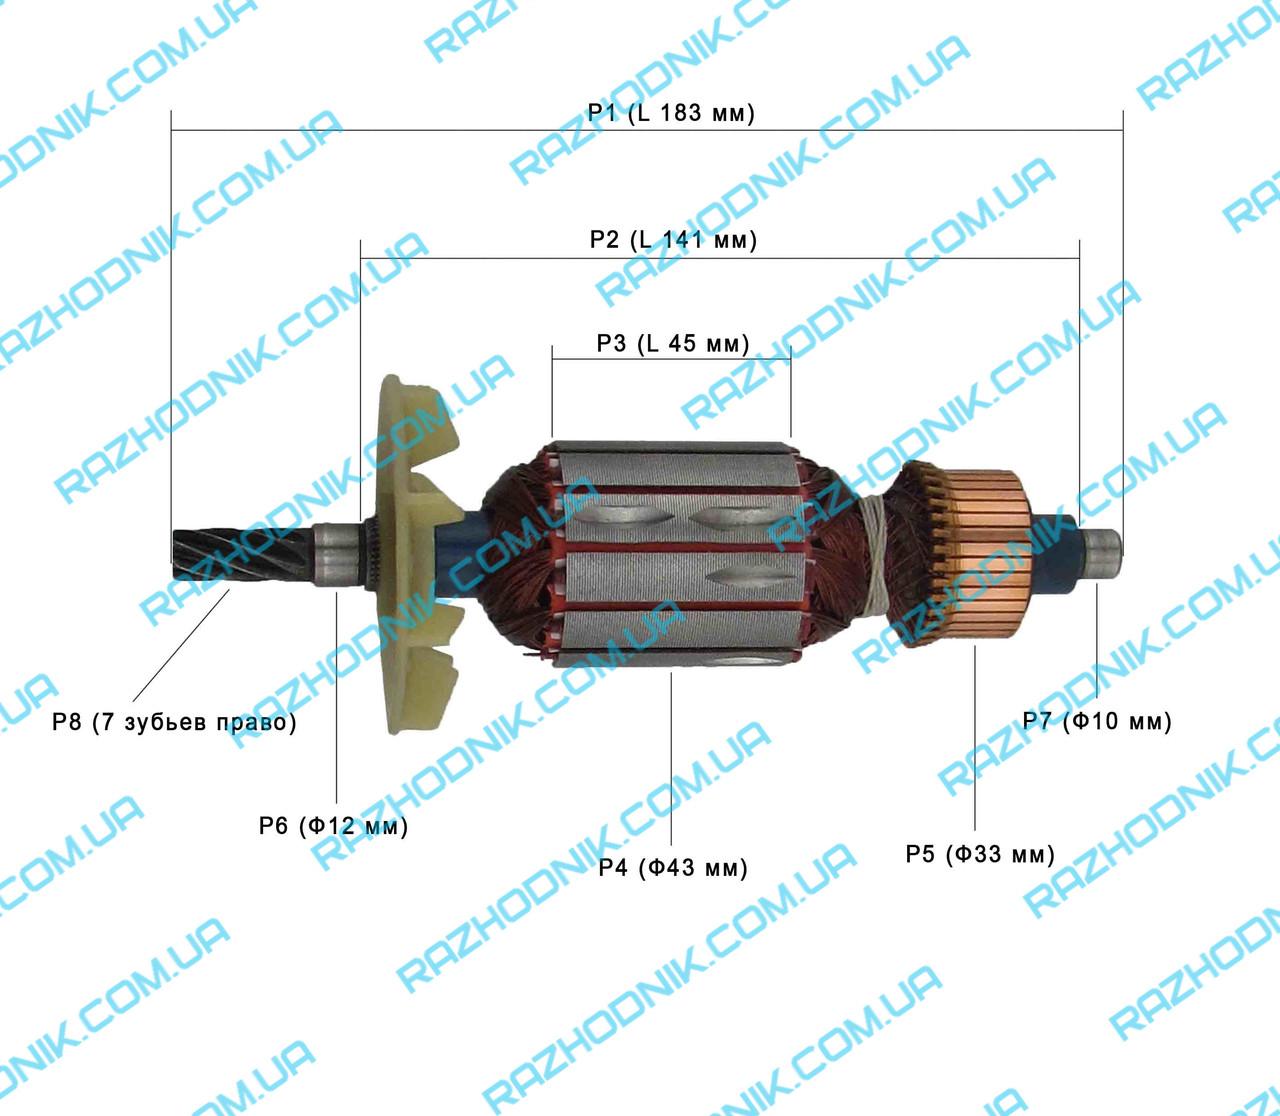 Якір на дриль REBIR 1305 \ 1023 (Урод)